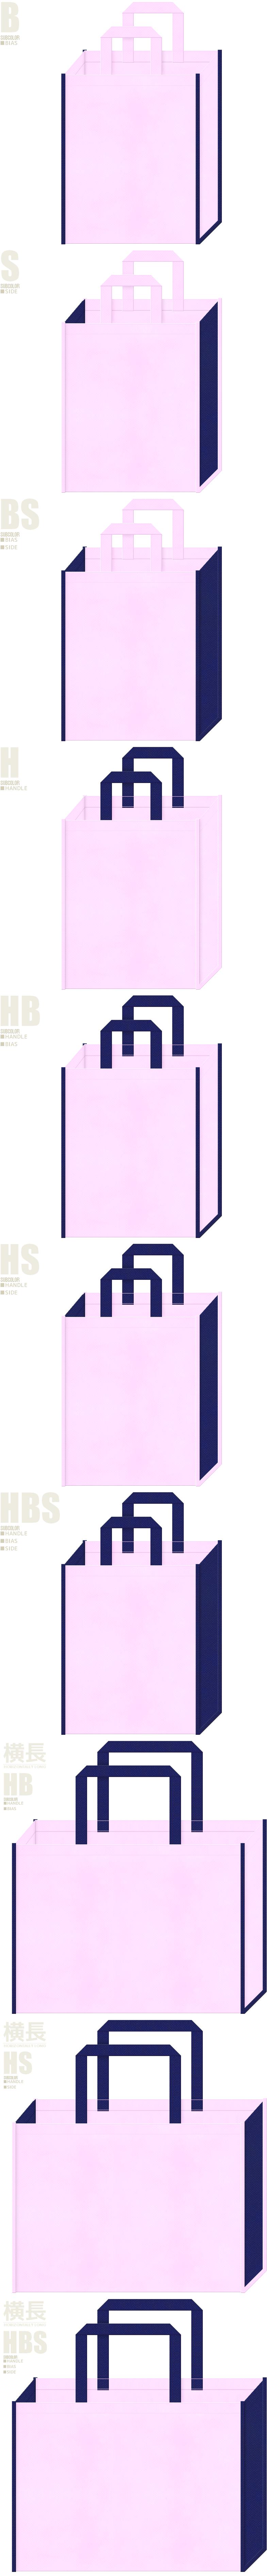 夏浴衣・学校・学園・オープンキャンパス・学習塾・レッスンバッグにお奨めの不織布バッグのデザイン:パステルピンク色と明るい紺色の配色7パターン。